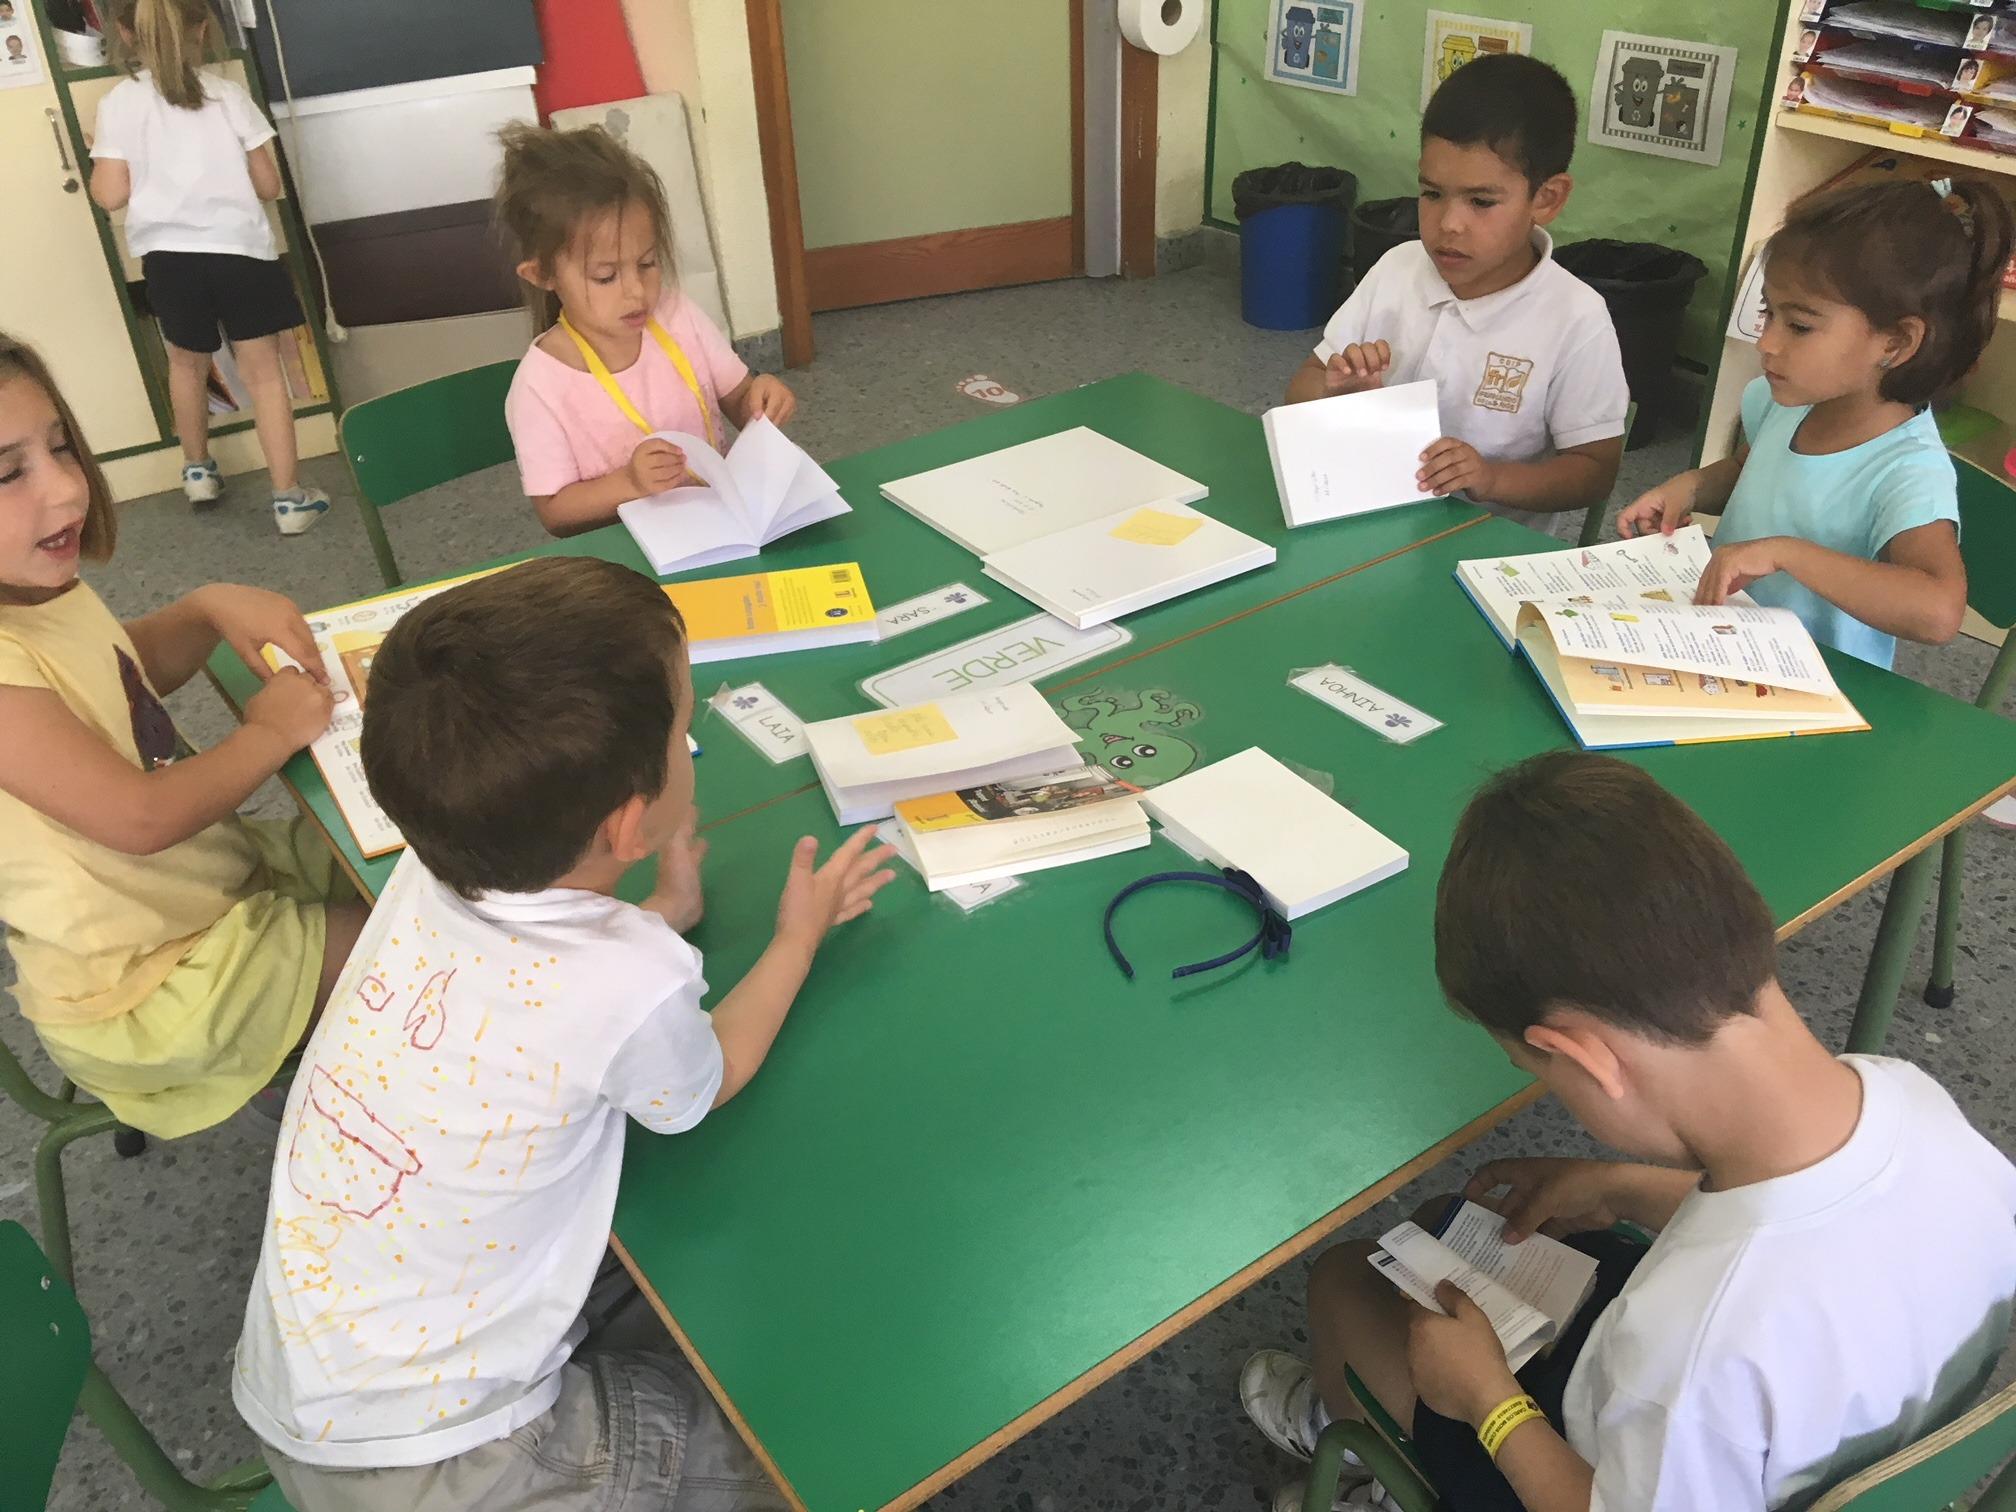 2018_06_25_Los pulpos disfrutan de un taller de libros 12